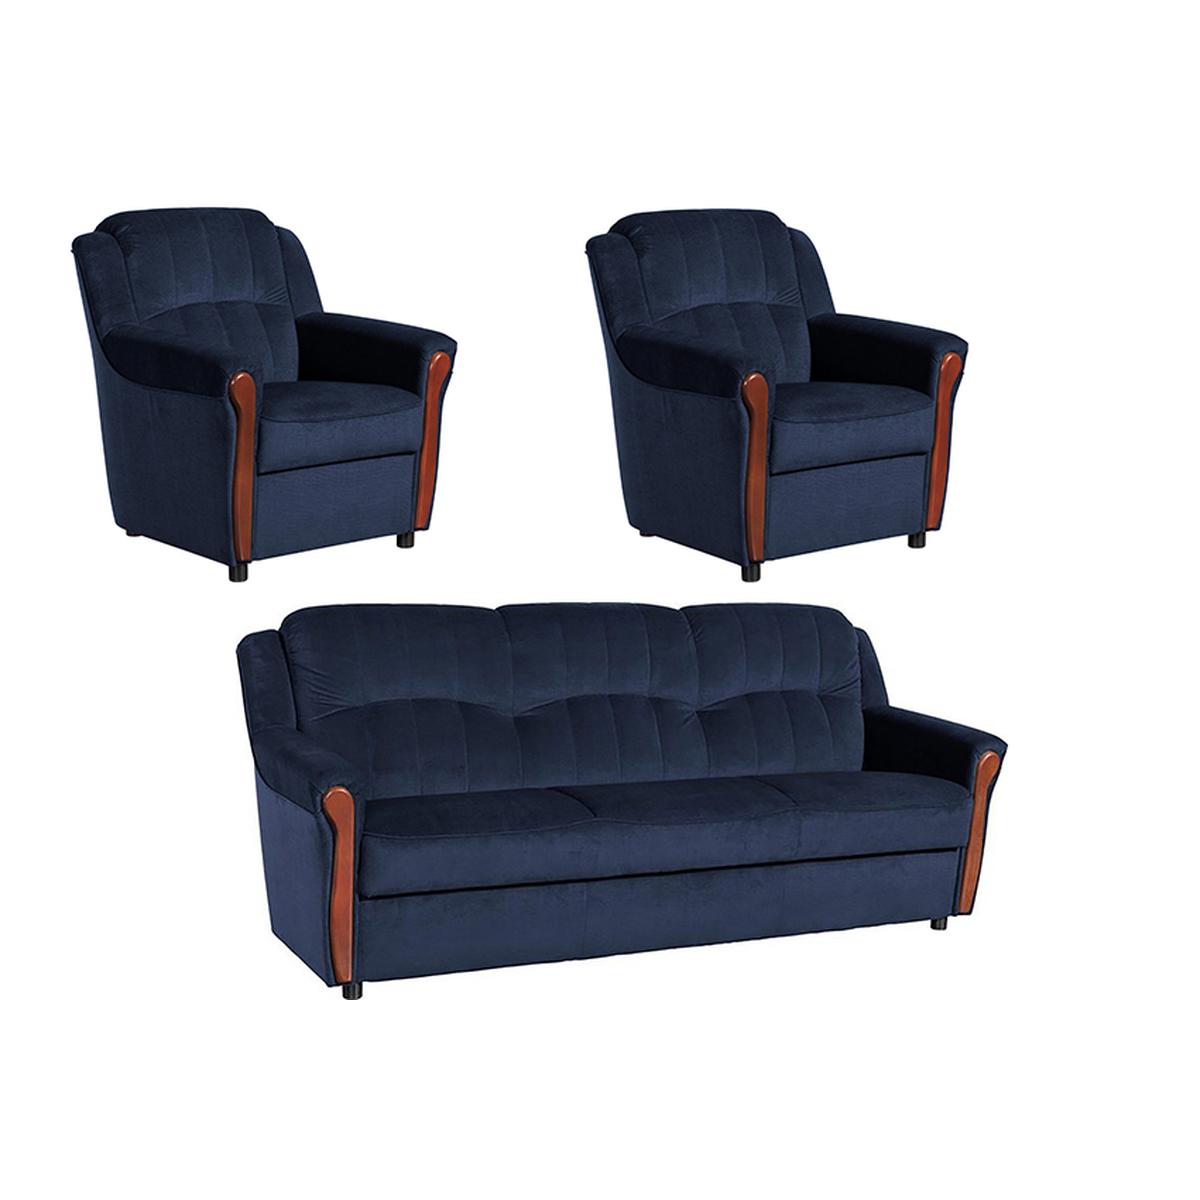 Full Size of Mawinzer 3 Tlg Set Sitzer Sofa 2xsessel Trier Microfaser Ausziehbar Grünes Günstiges Reiniger Baxter Online Kaufen Lounge Garten Xxl U Form Dreisitzer Bezug Sofa Sofa Blau